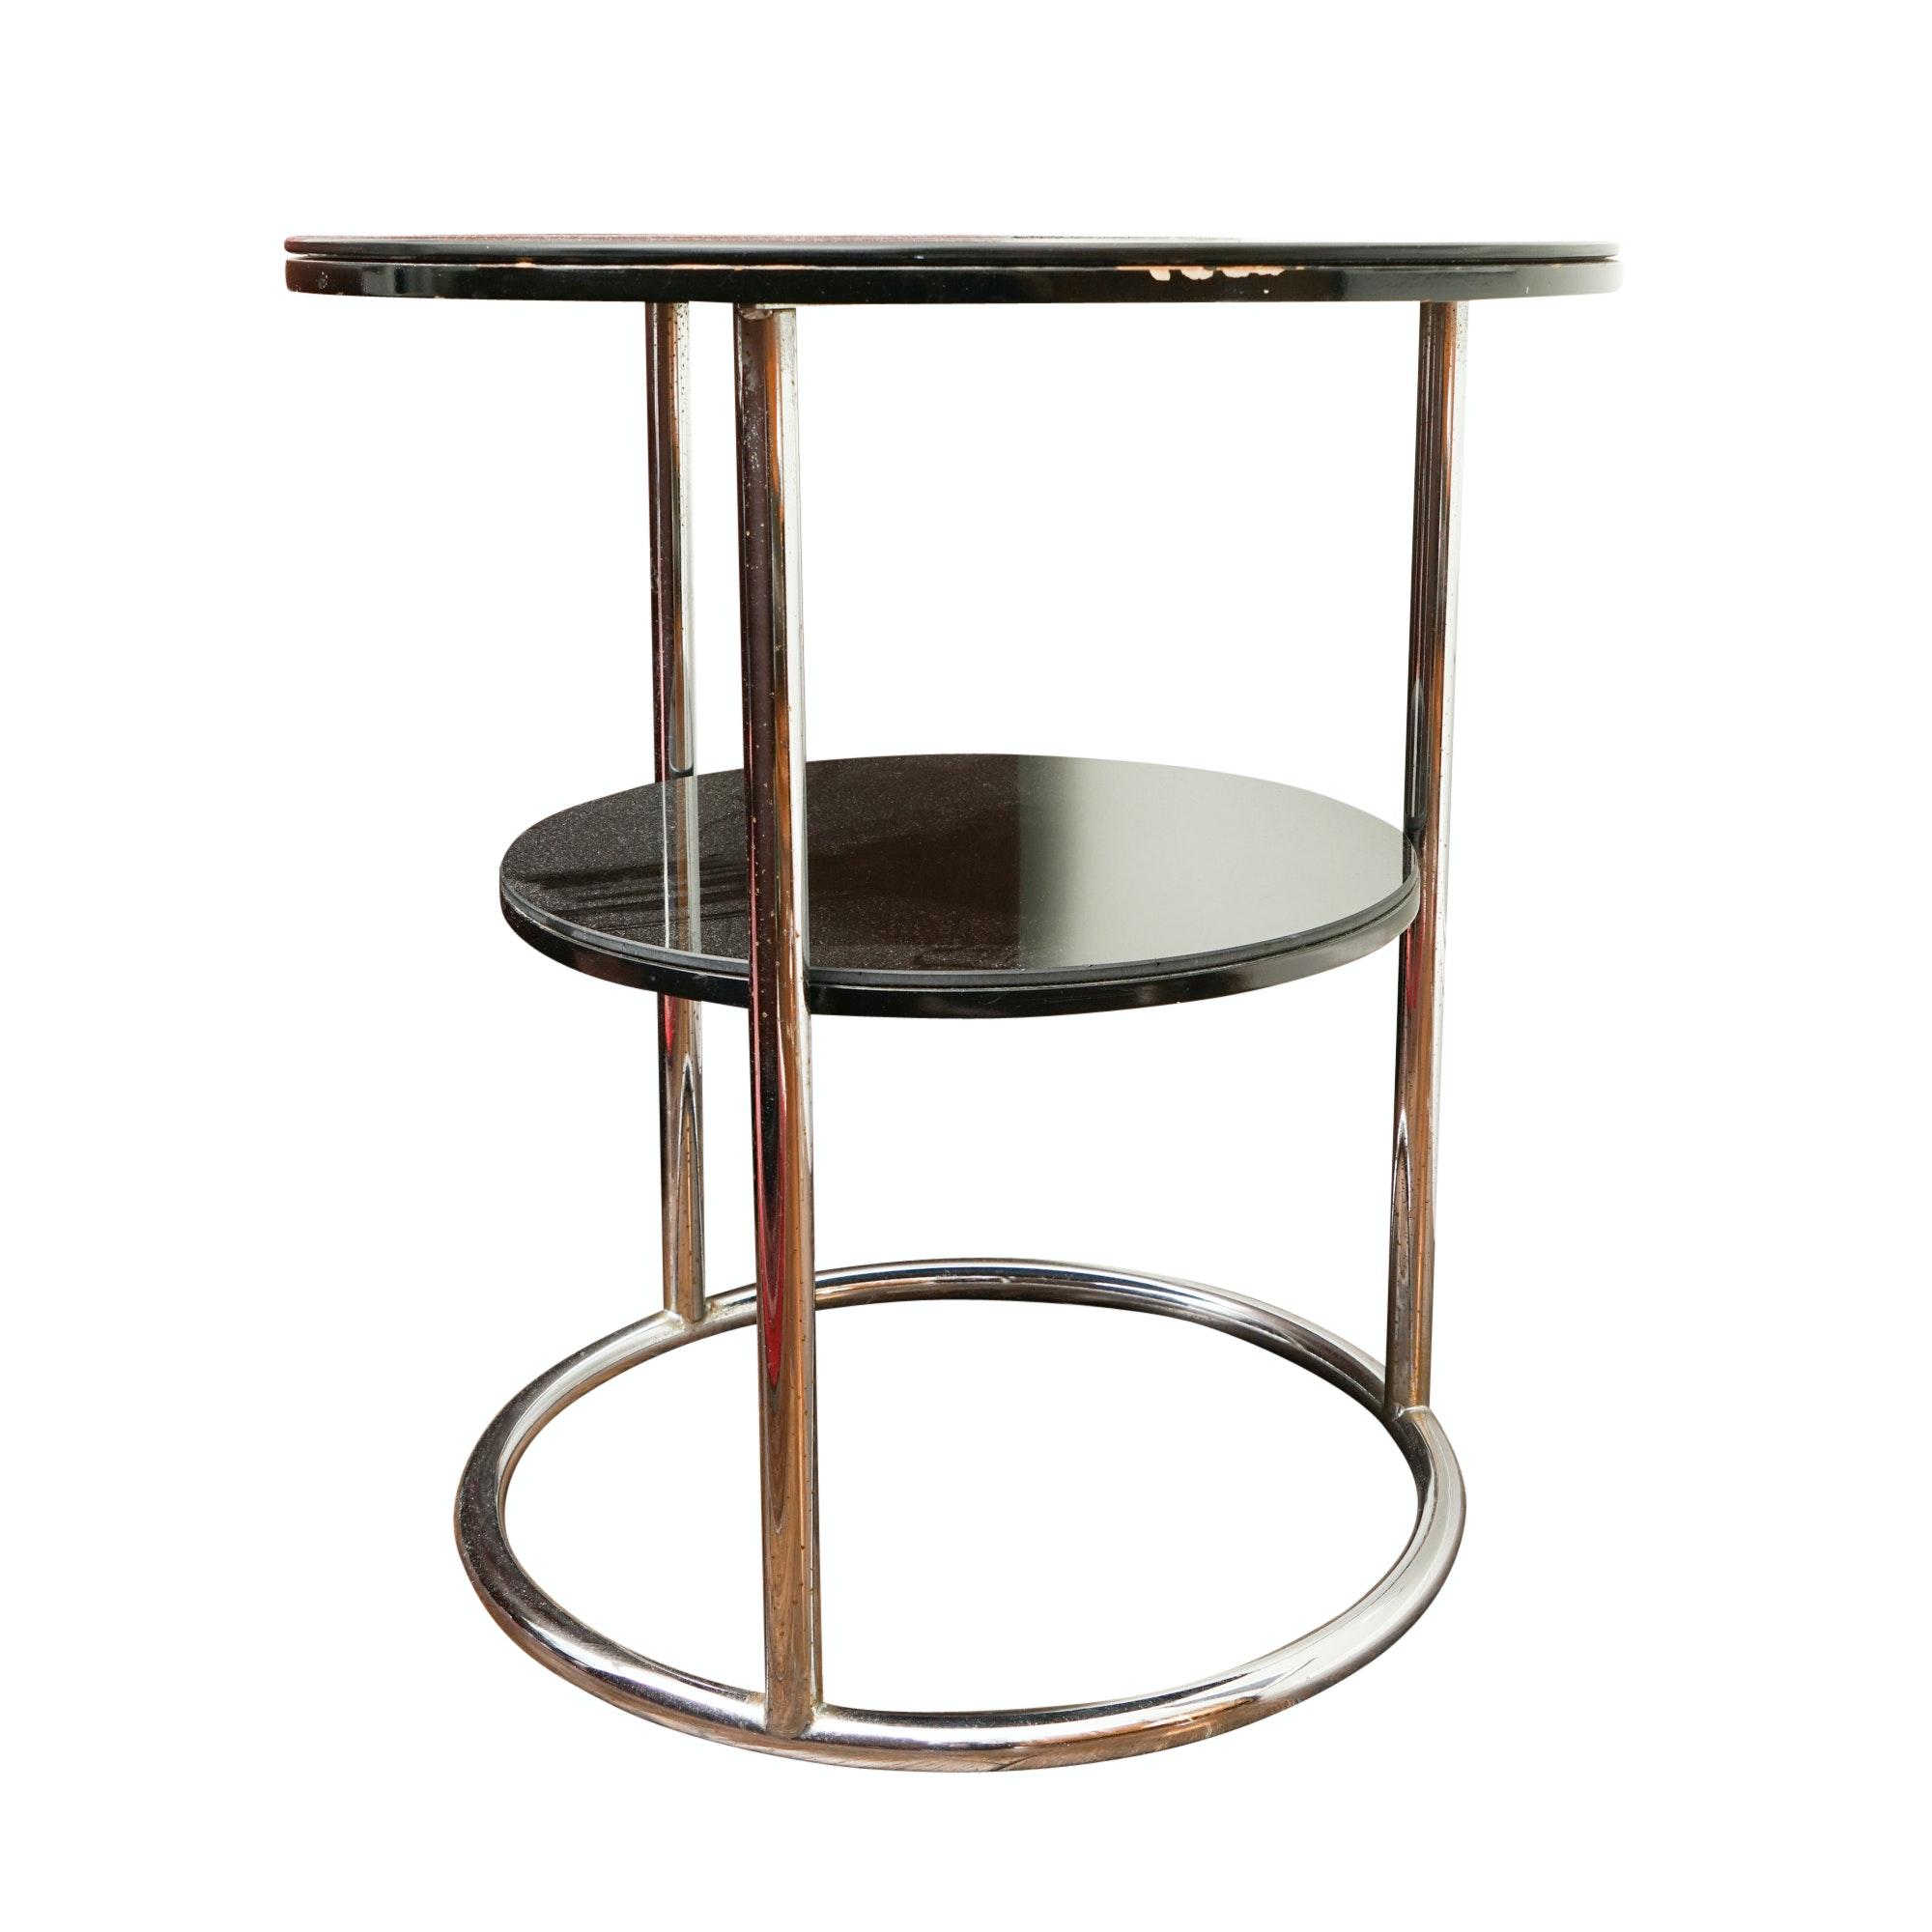 Art Deco Chromed Metal Side Table